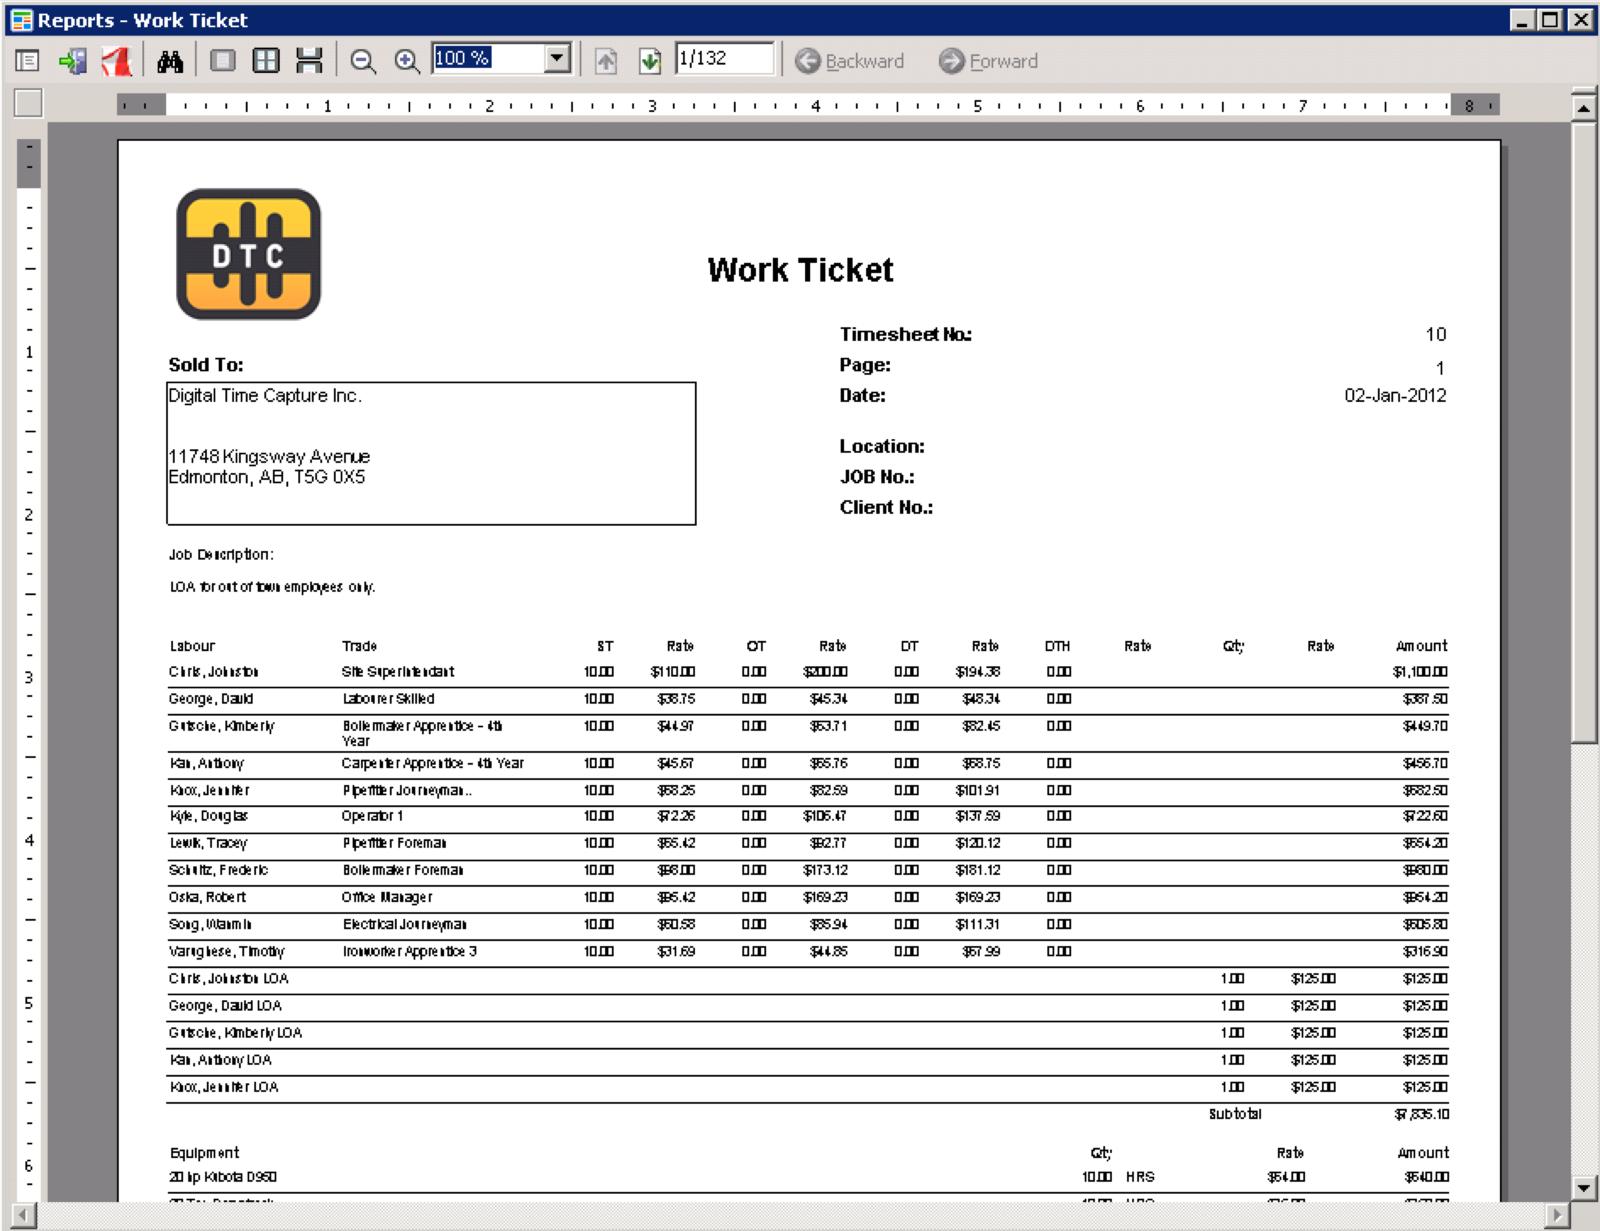 Work Ticket Report